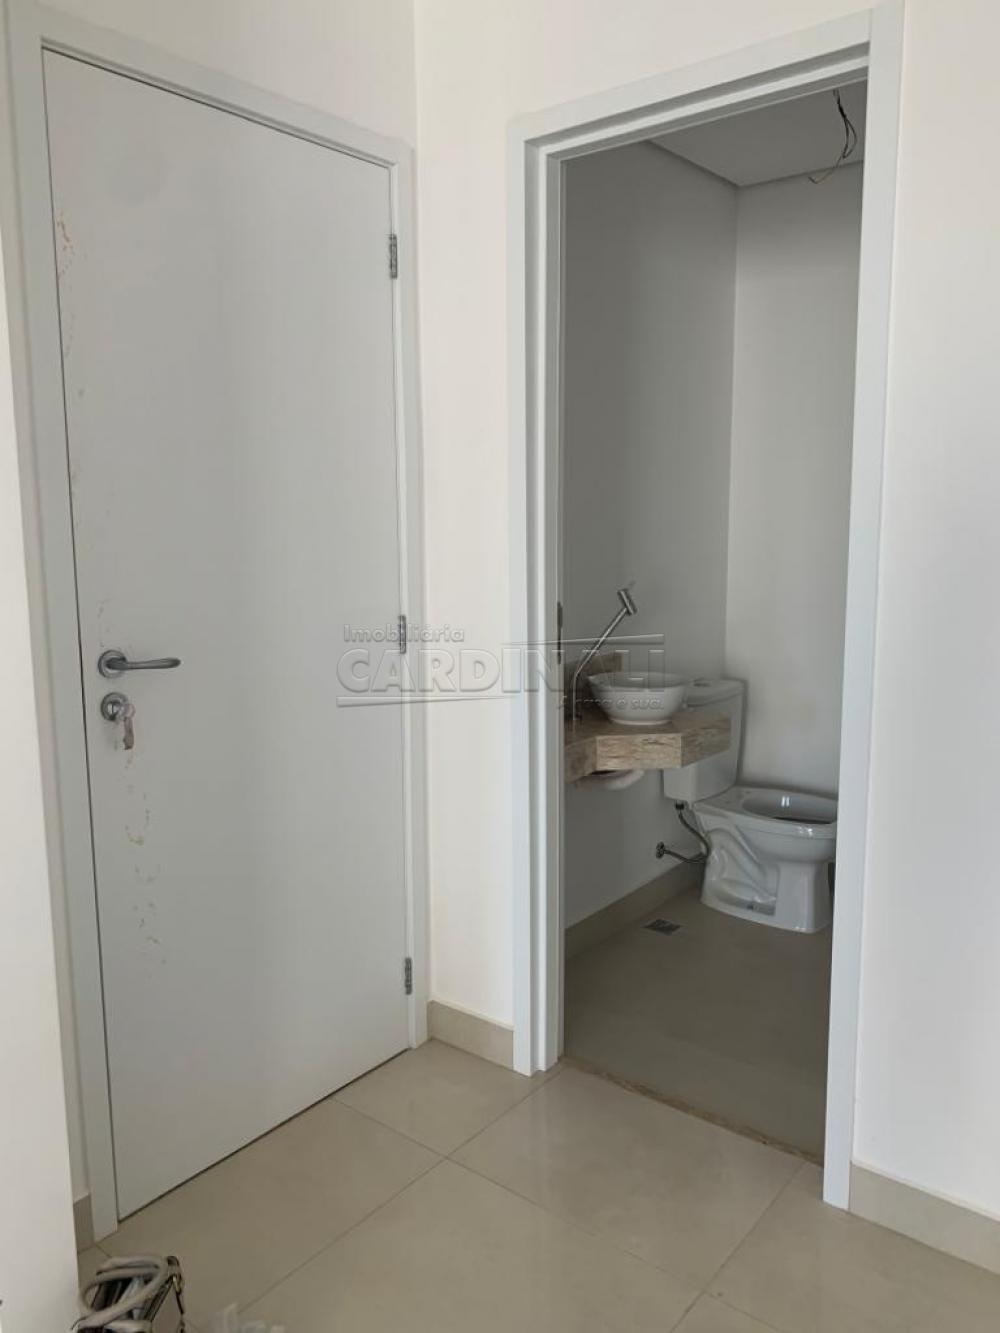 Comprar Apartamento / Padrão em Araraquara R$ 420.000,00 - Foto 10